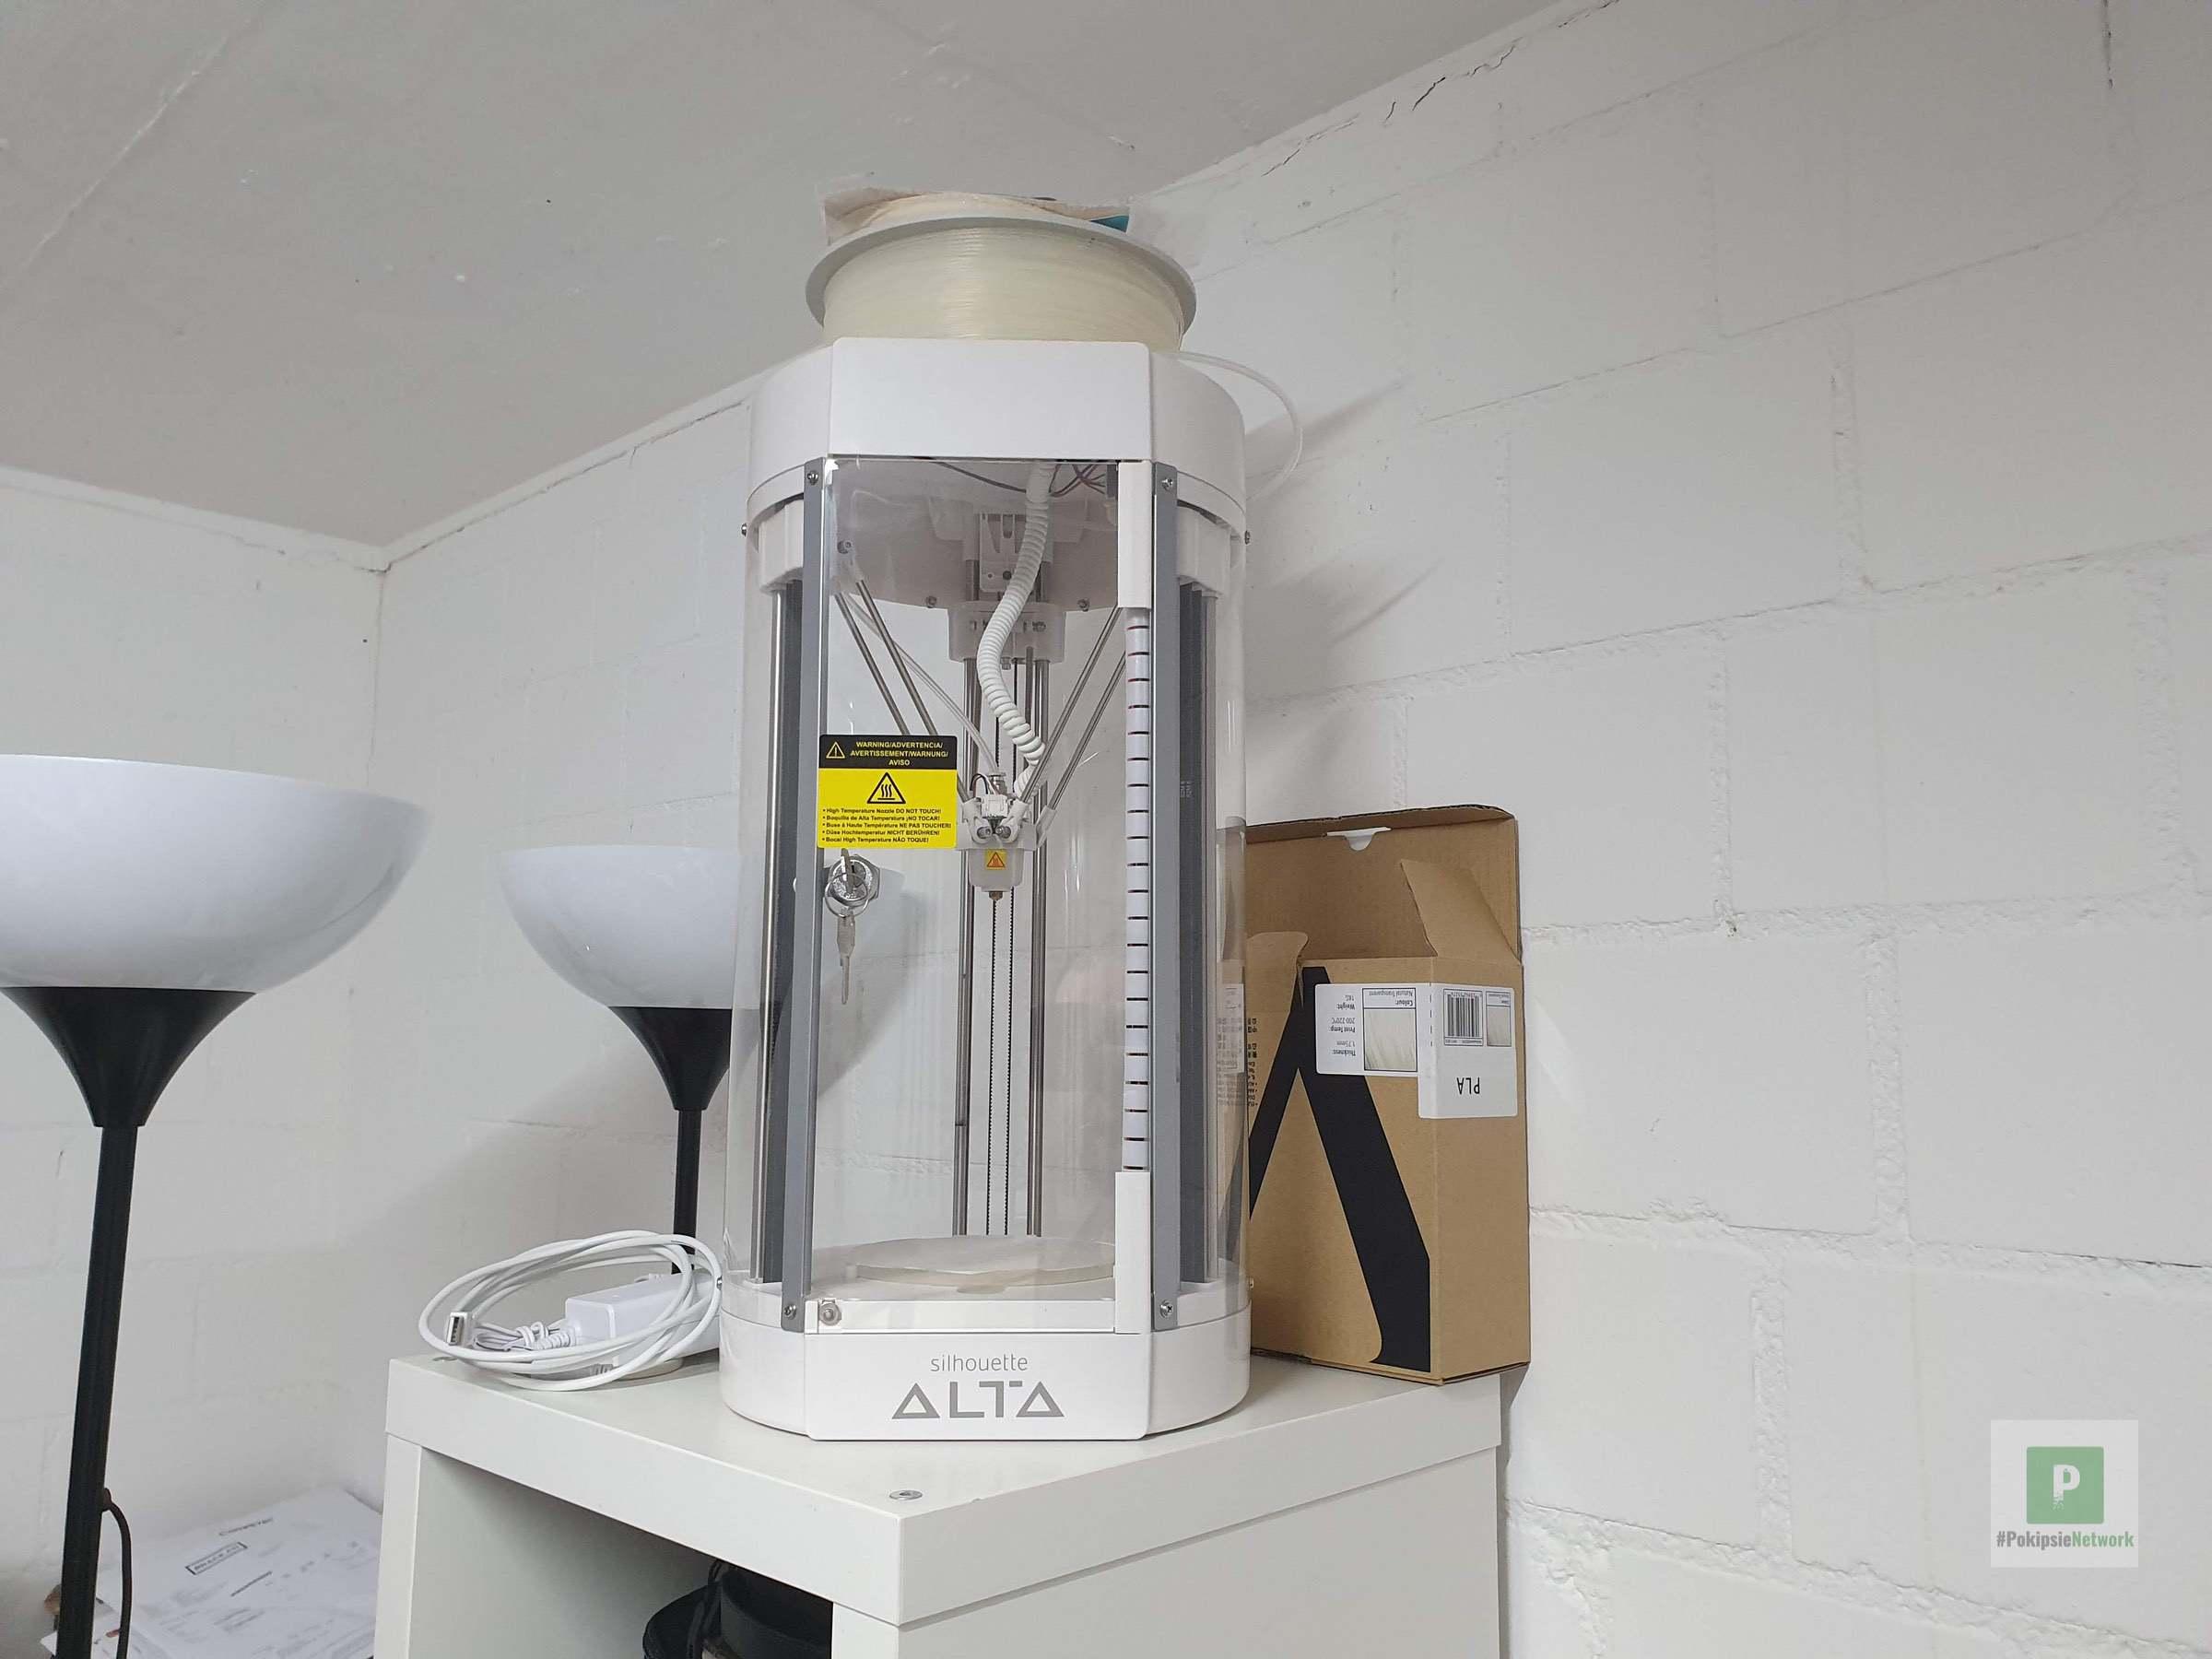 Der Drucker auf dem IKEA Gestell